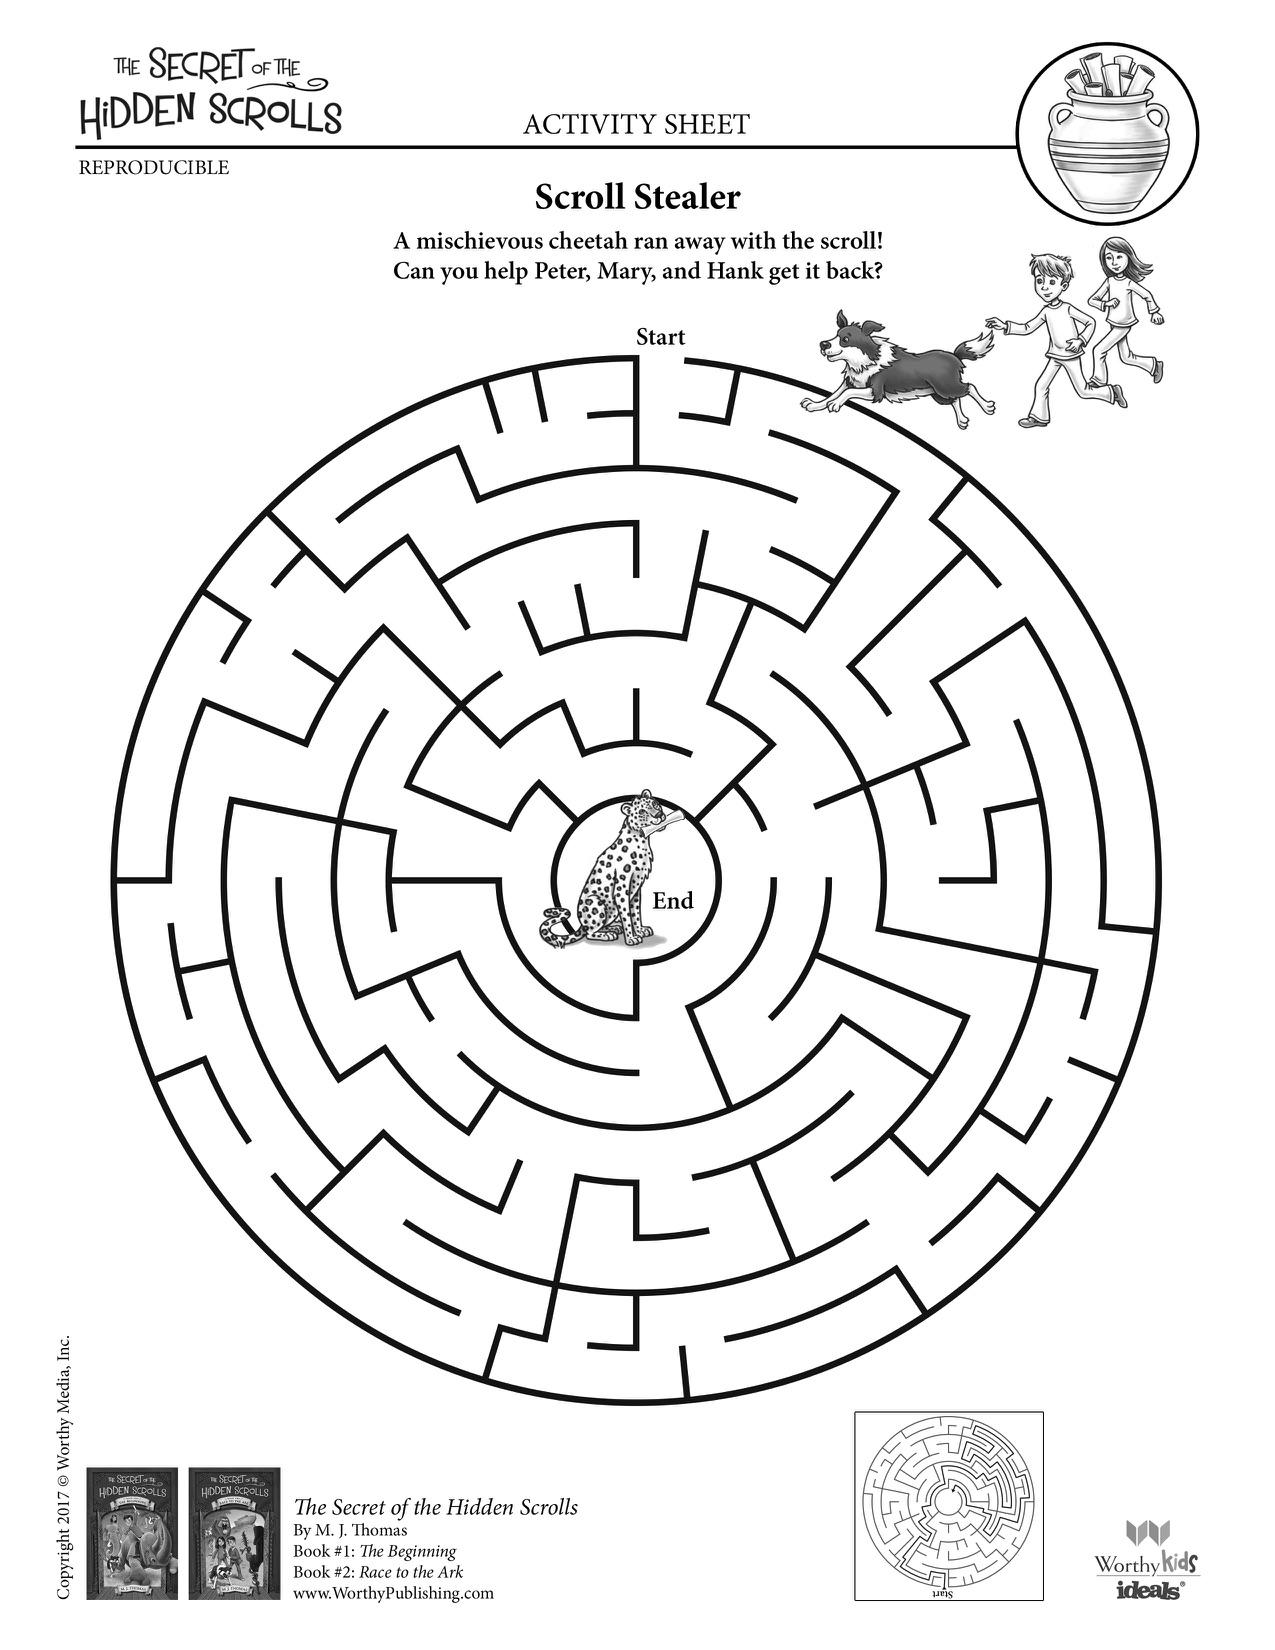 Hidden Scroll Activity Sheet_ScrollStealer.jpg